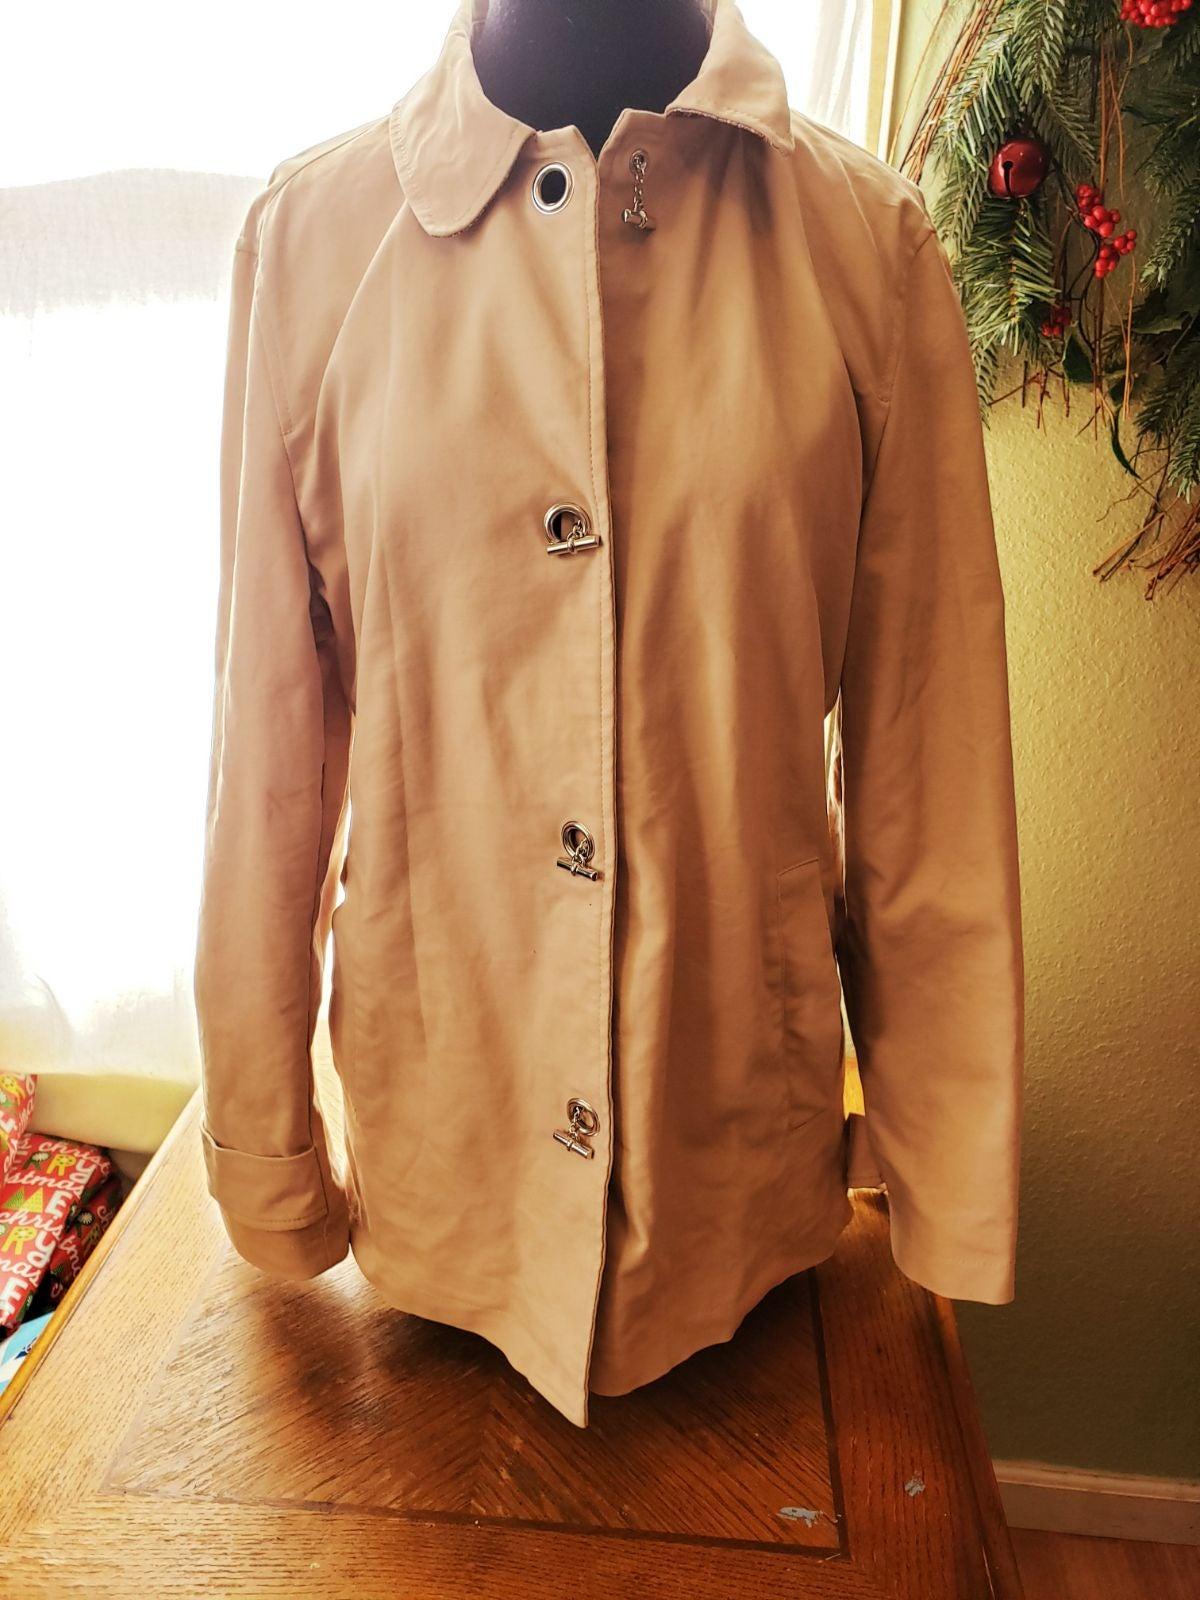 Coat, george, L(12/14), like new, beige